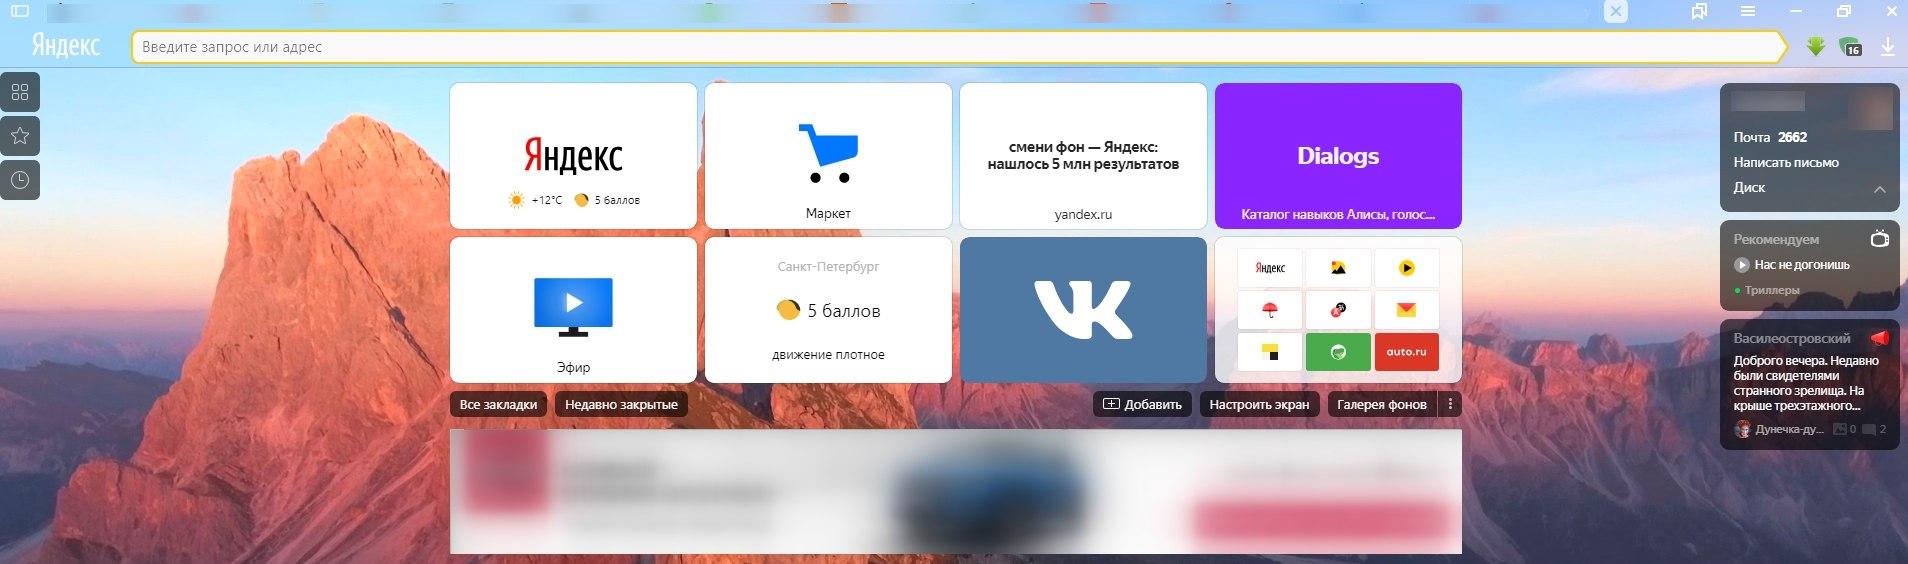 Пользовательский интерфейс Яндекс Браузера - обзор